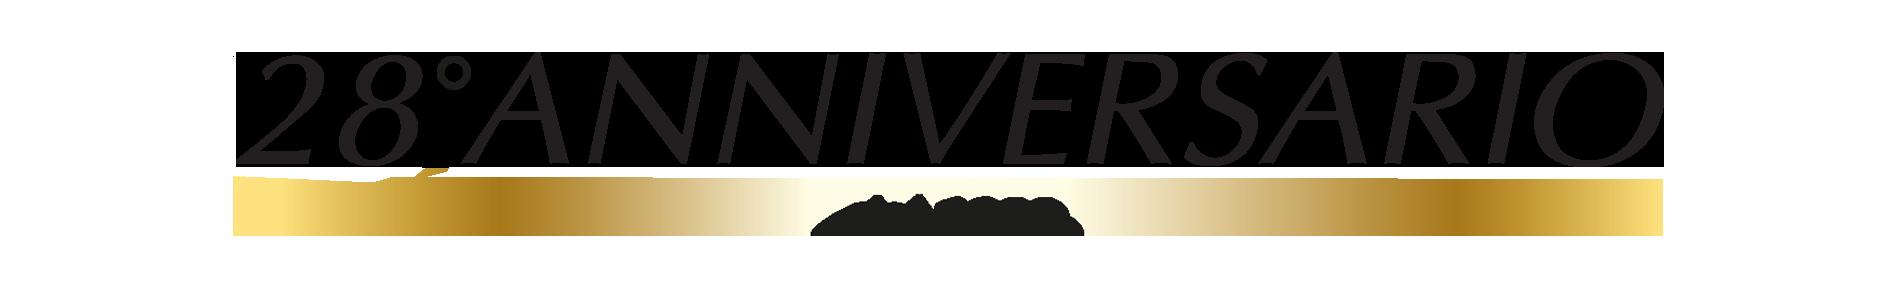 banner-28anni